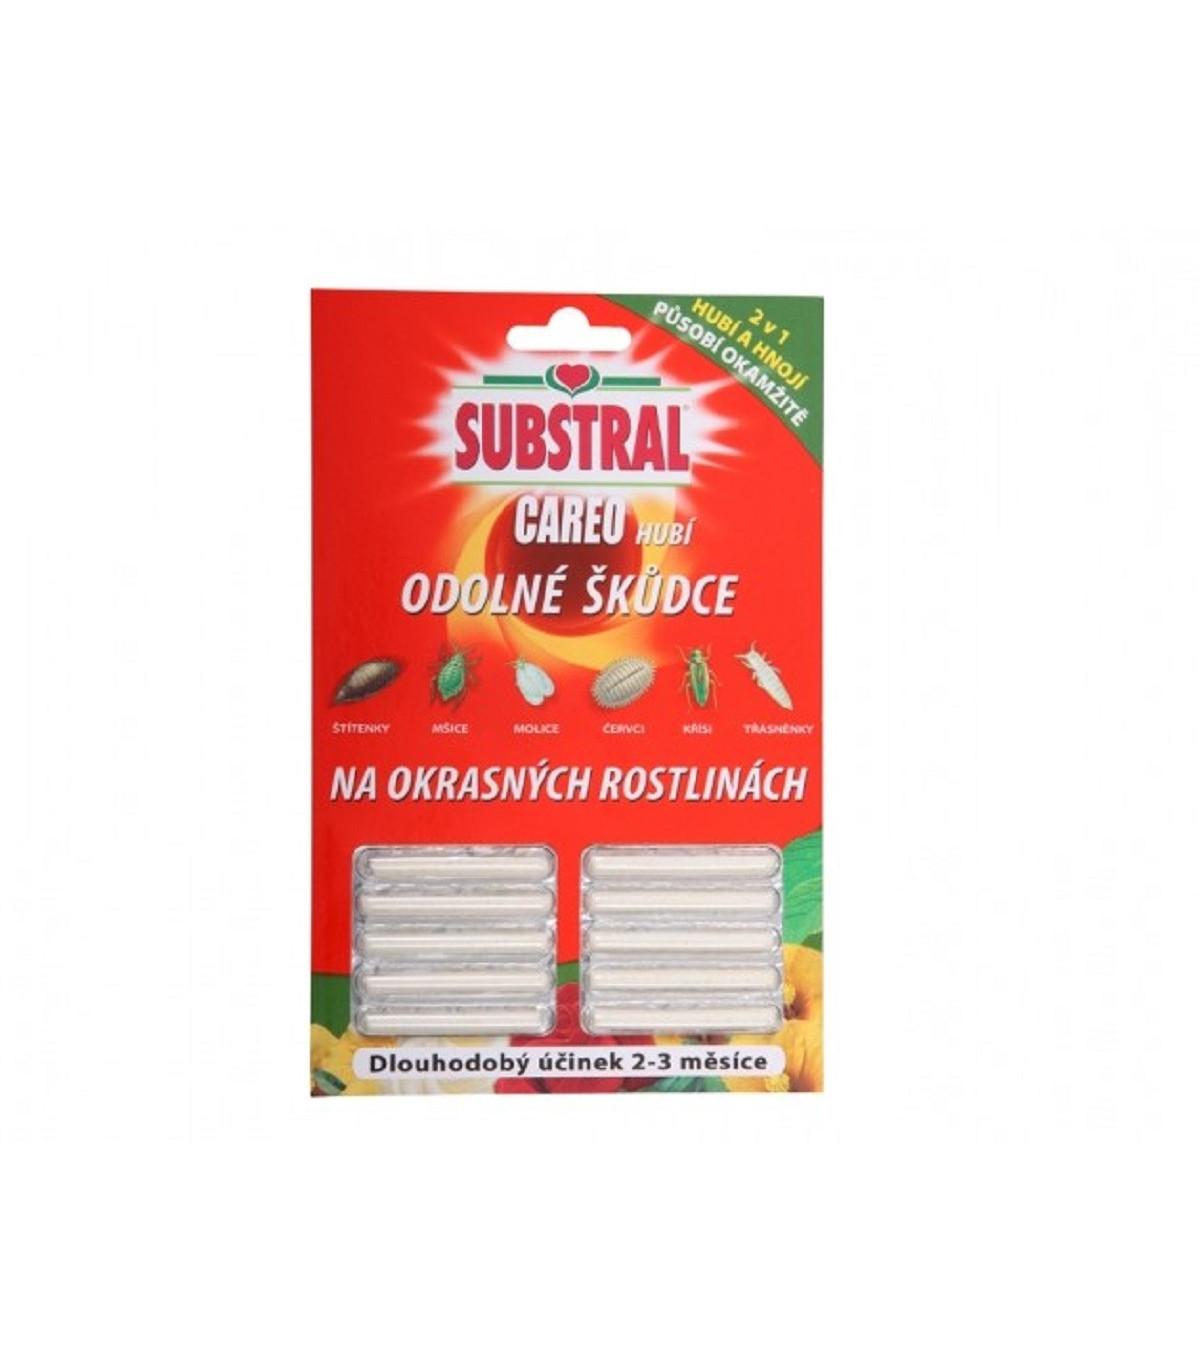 Substral Careo - tyčinky proti hmyzu - 10 Ks